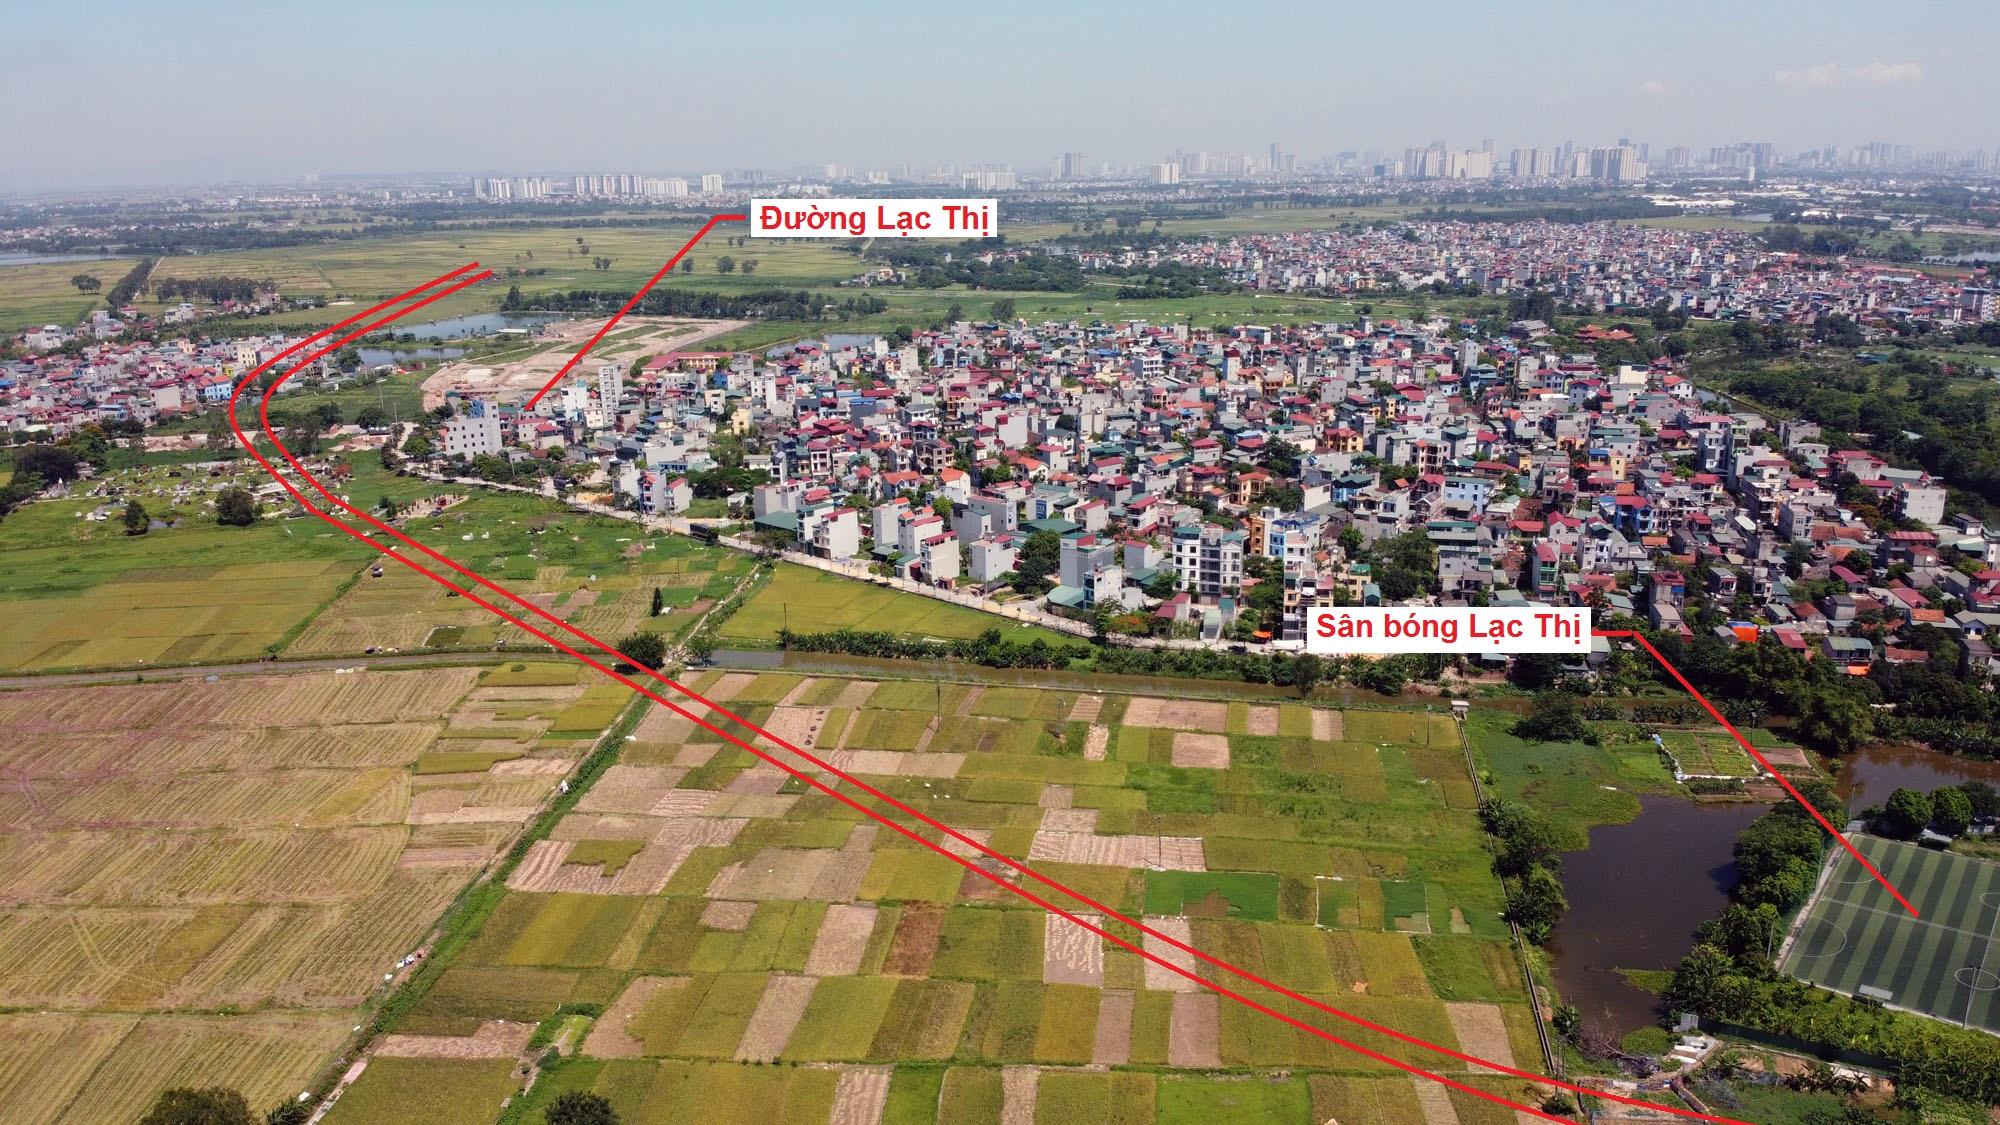 Ba đường sẽ mở theo quy hoạch ở xã Ngọc Hồi, Thanh Trì, Hà Nội - Ảnh 4.